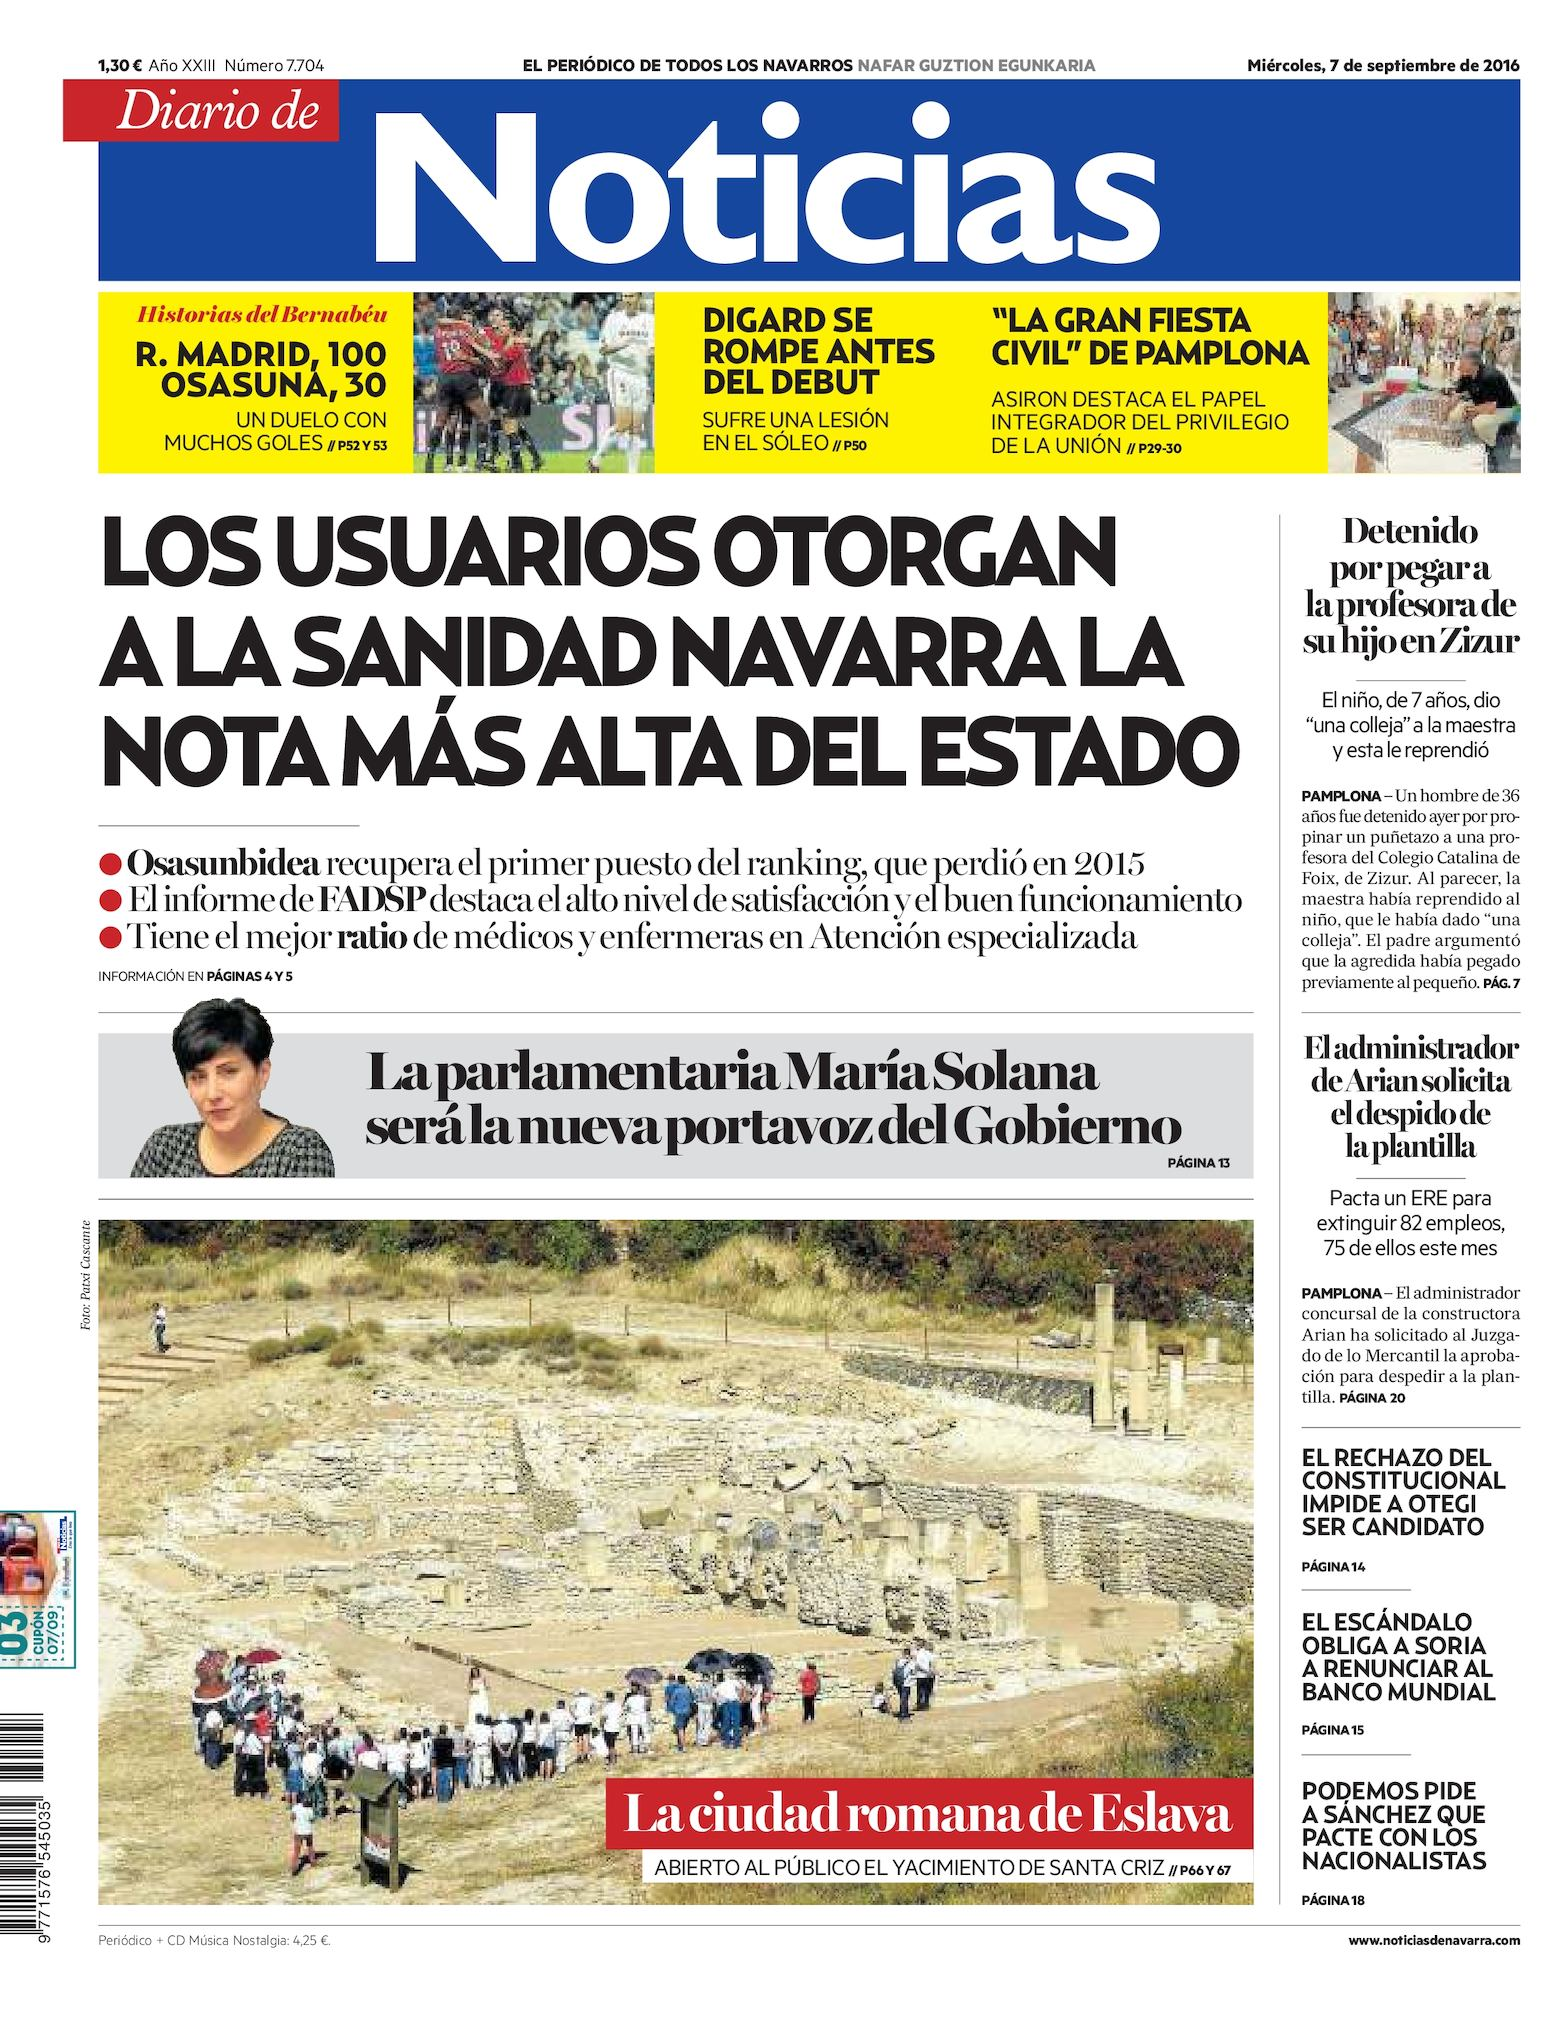 Calaméo - Diario de Noticias 20160907